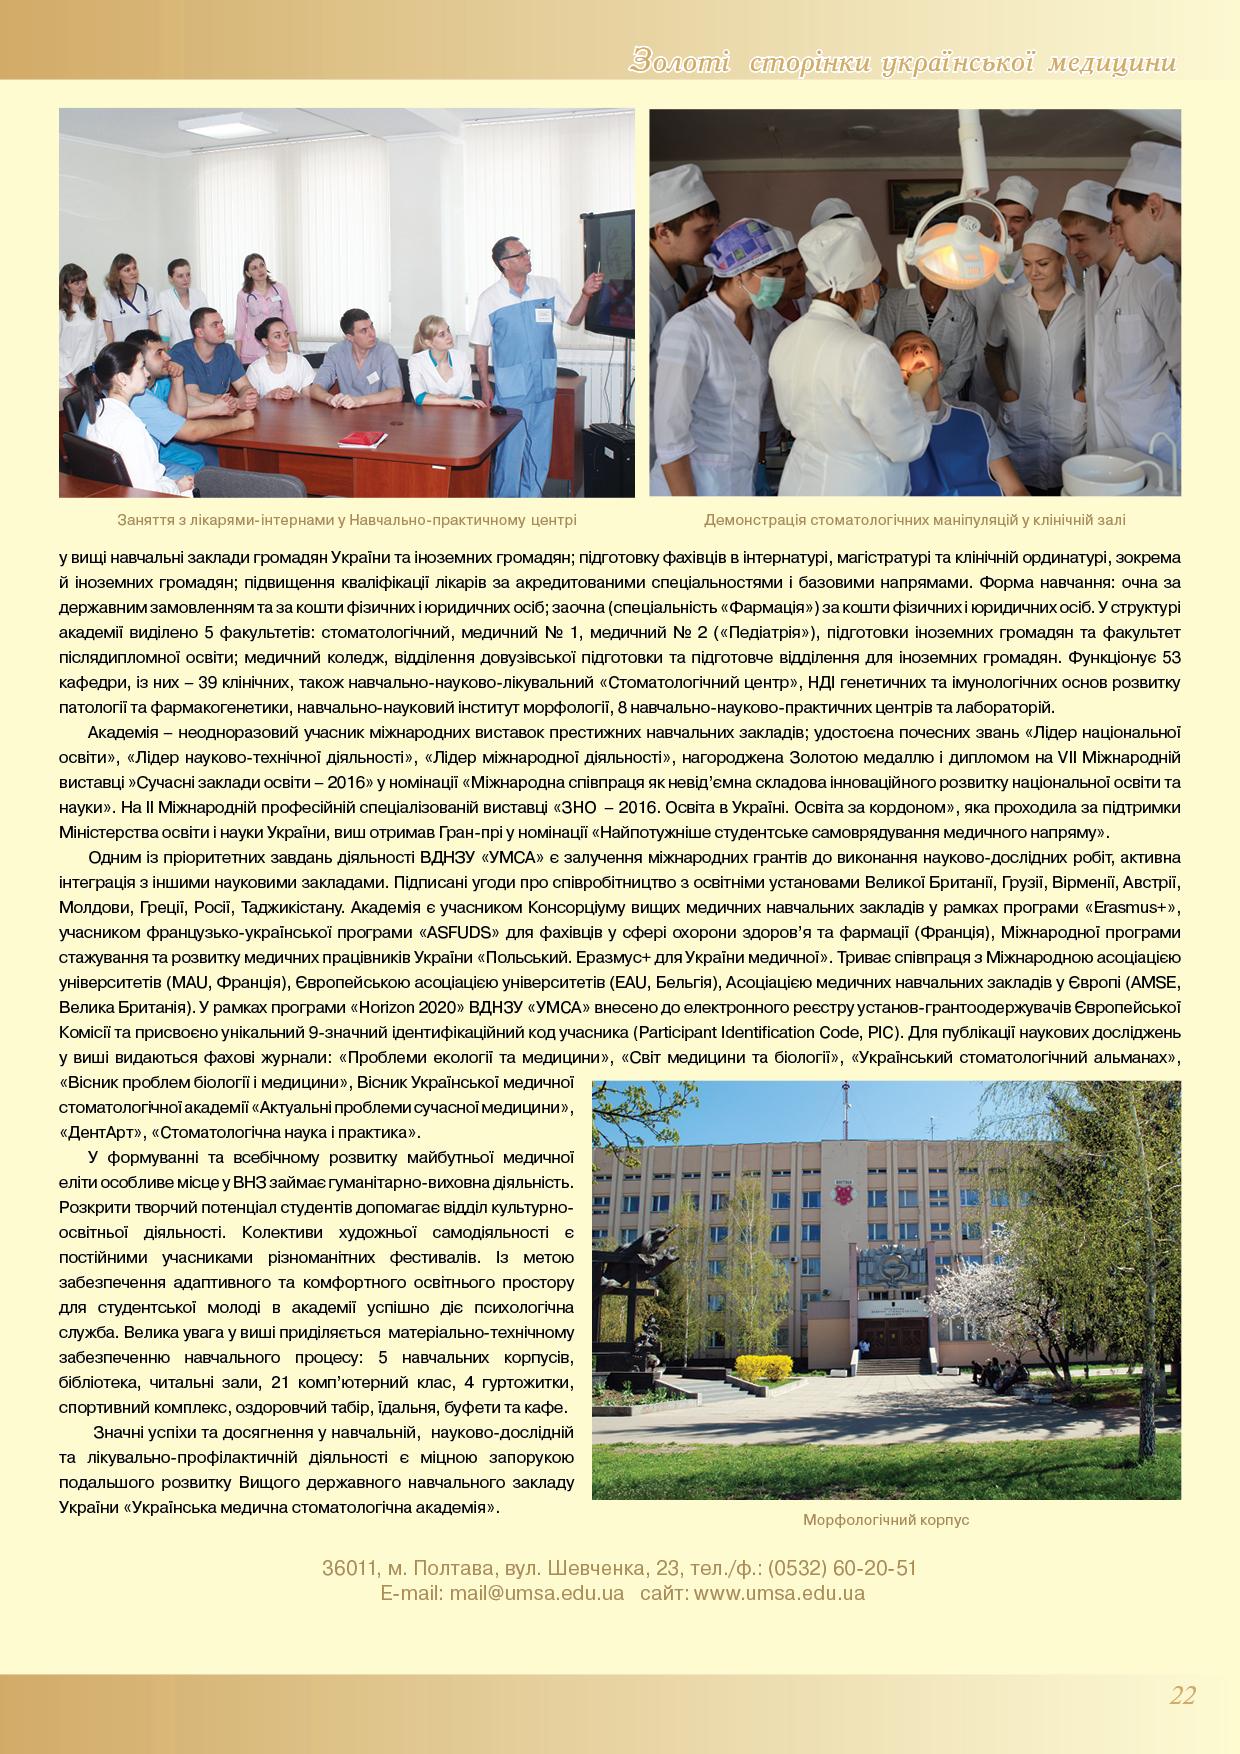 Вищий державний навчальний заклад України «Українська медична стоматологічна академія»